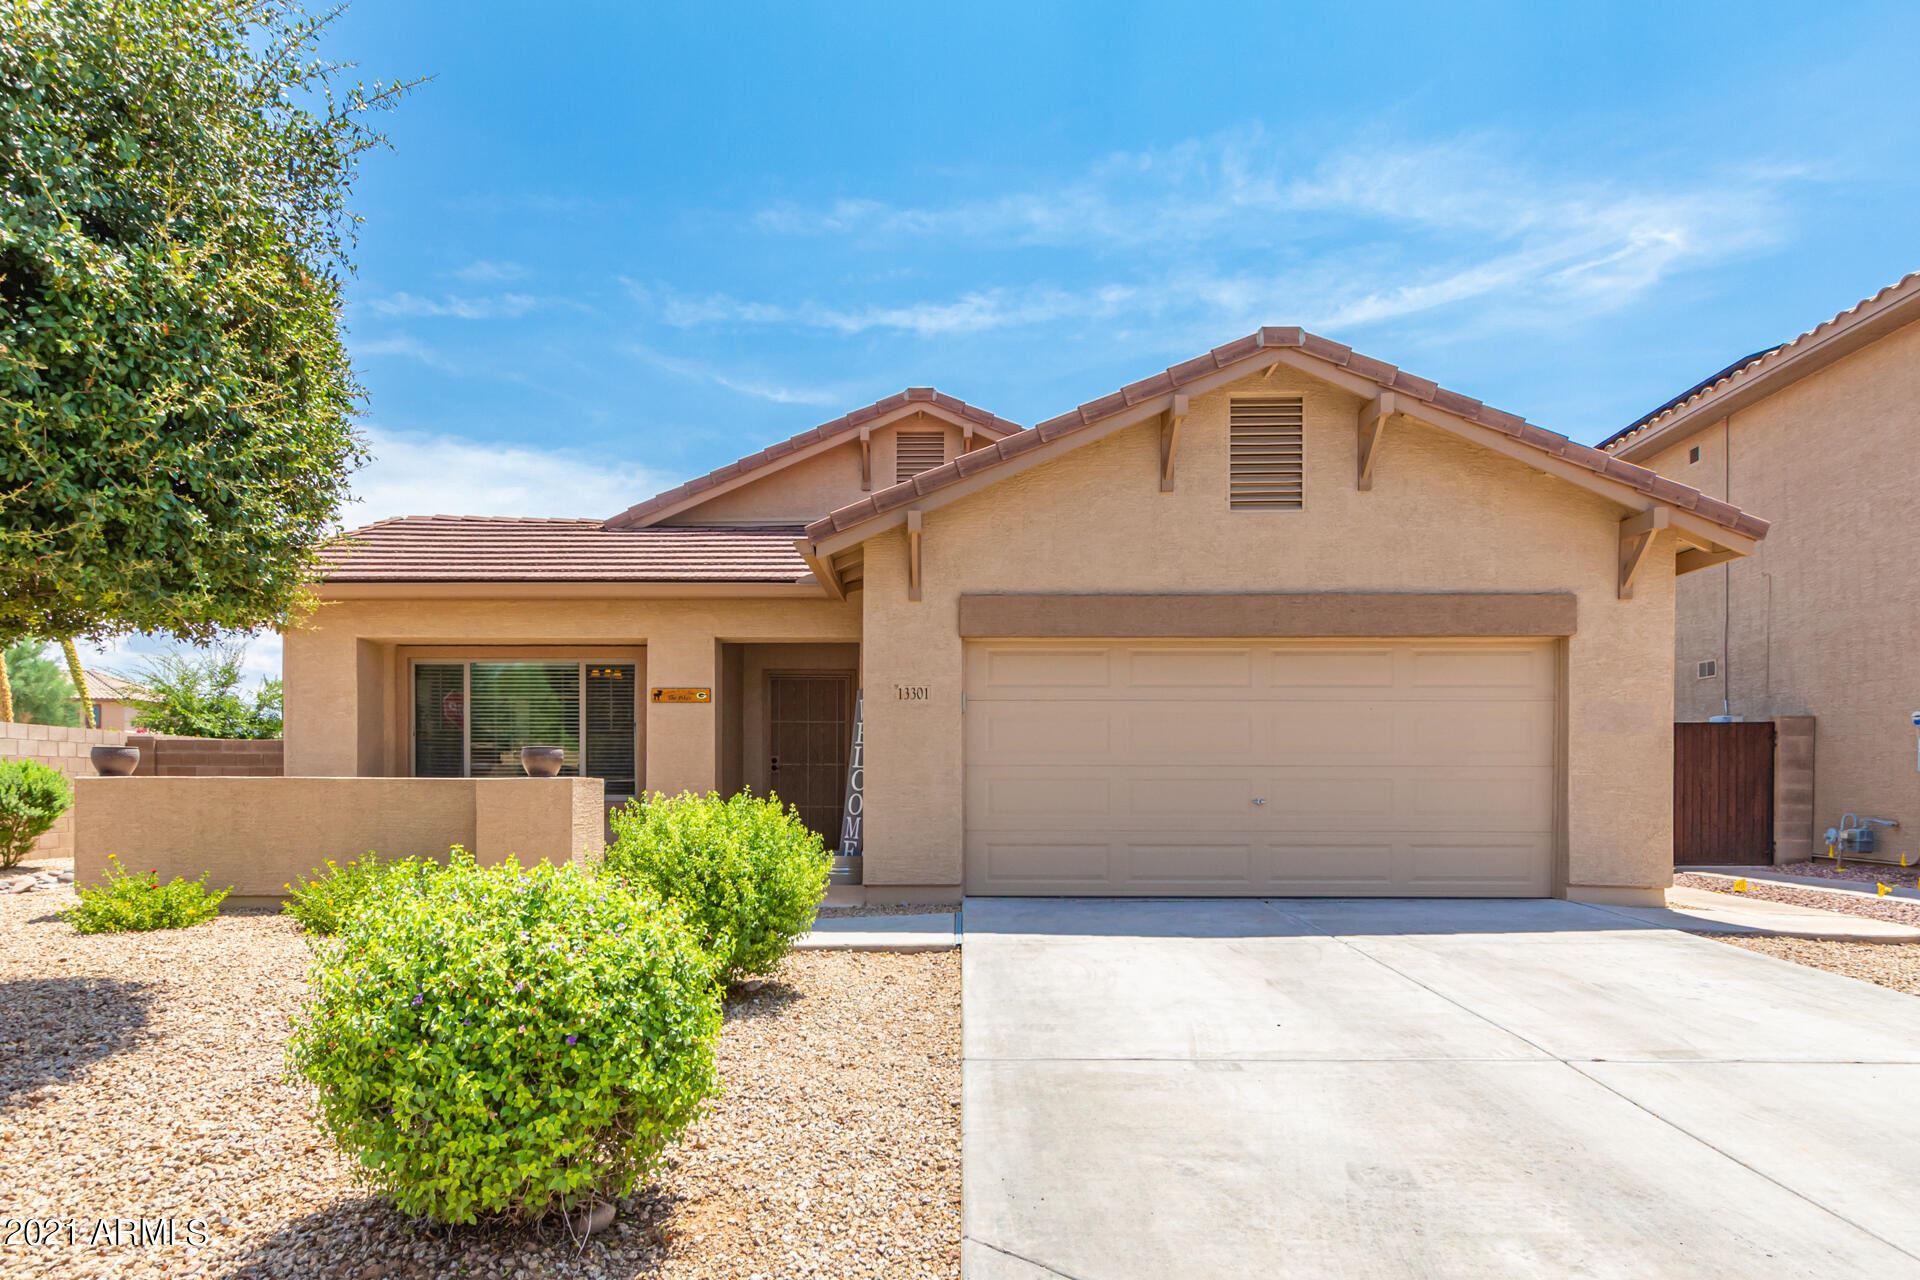 Photo of 13301 W CLARENDON Avenue, Litchfield Park, AZ 85340 (MLS # 6268123)